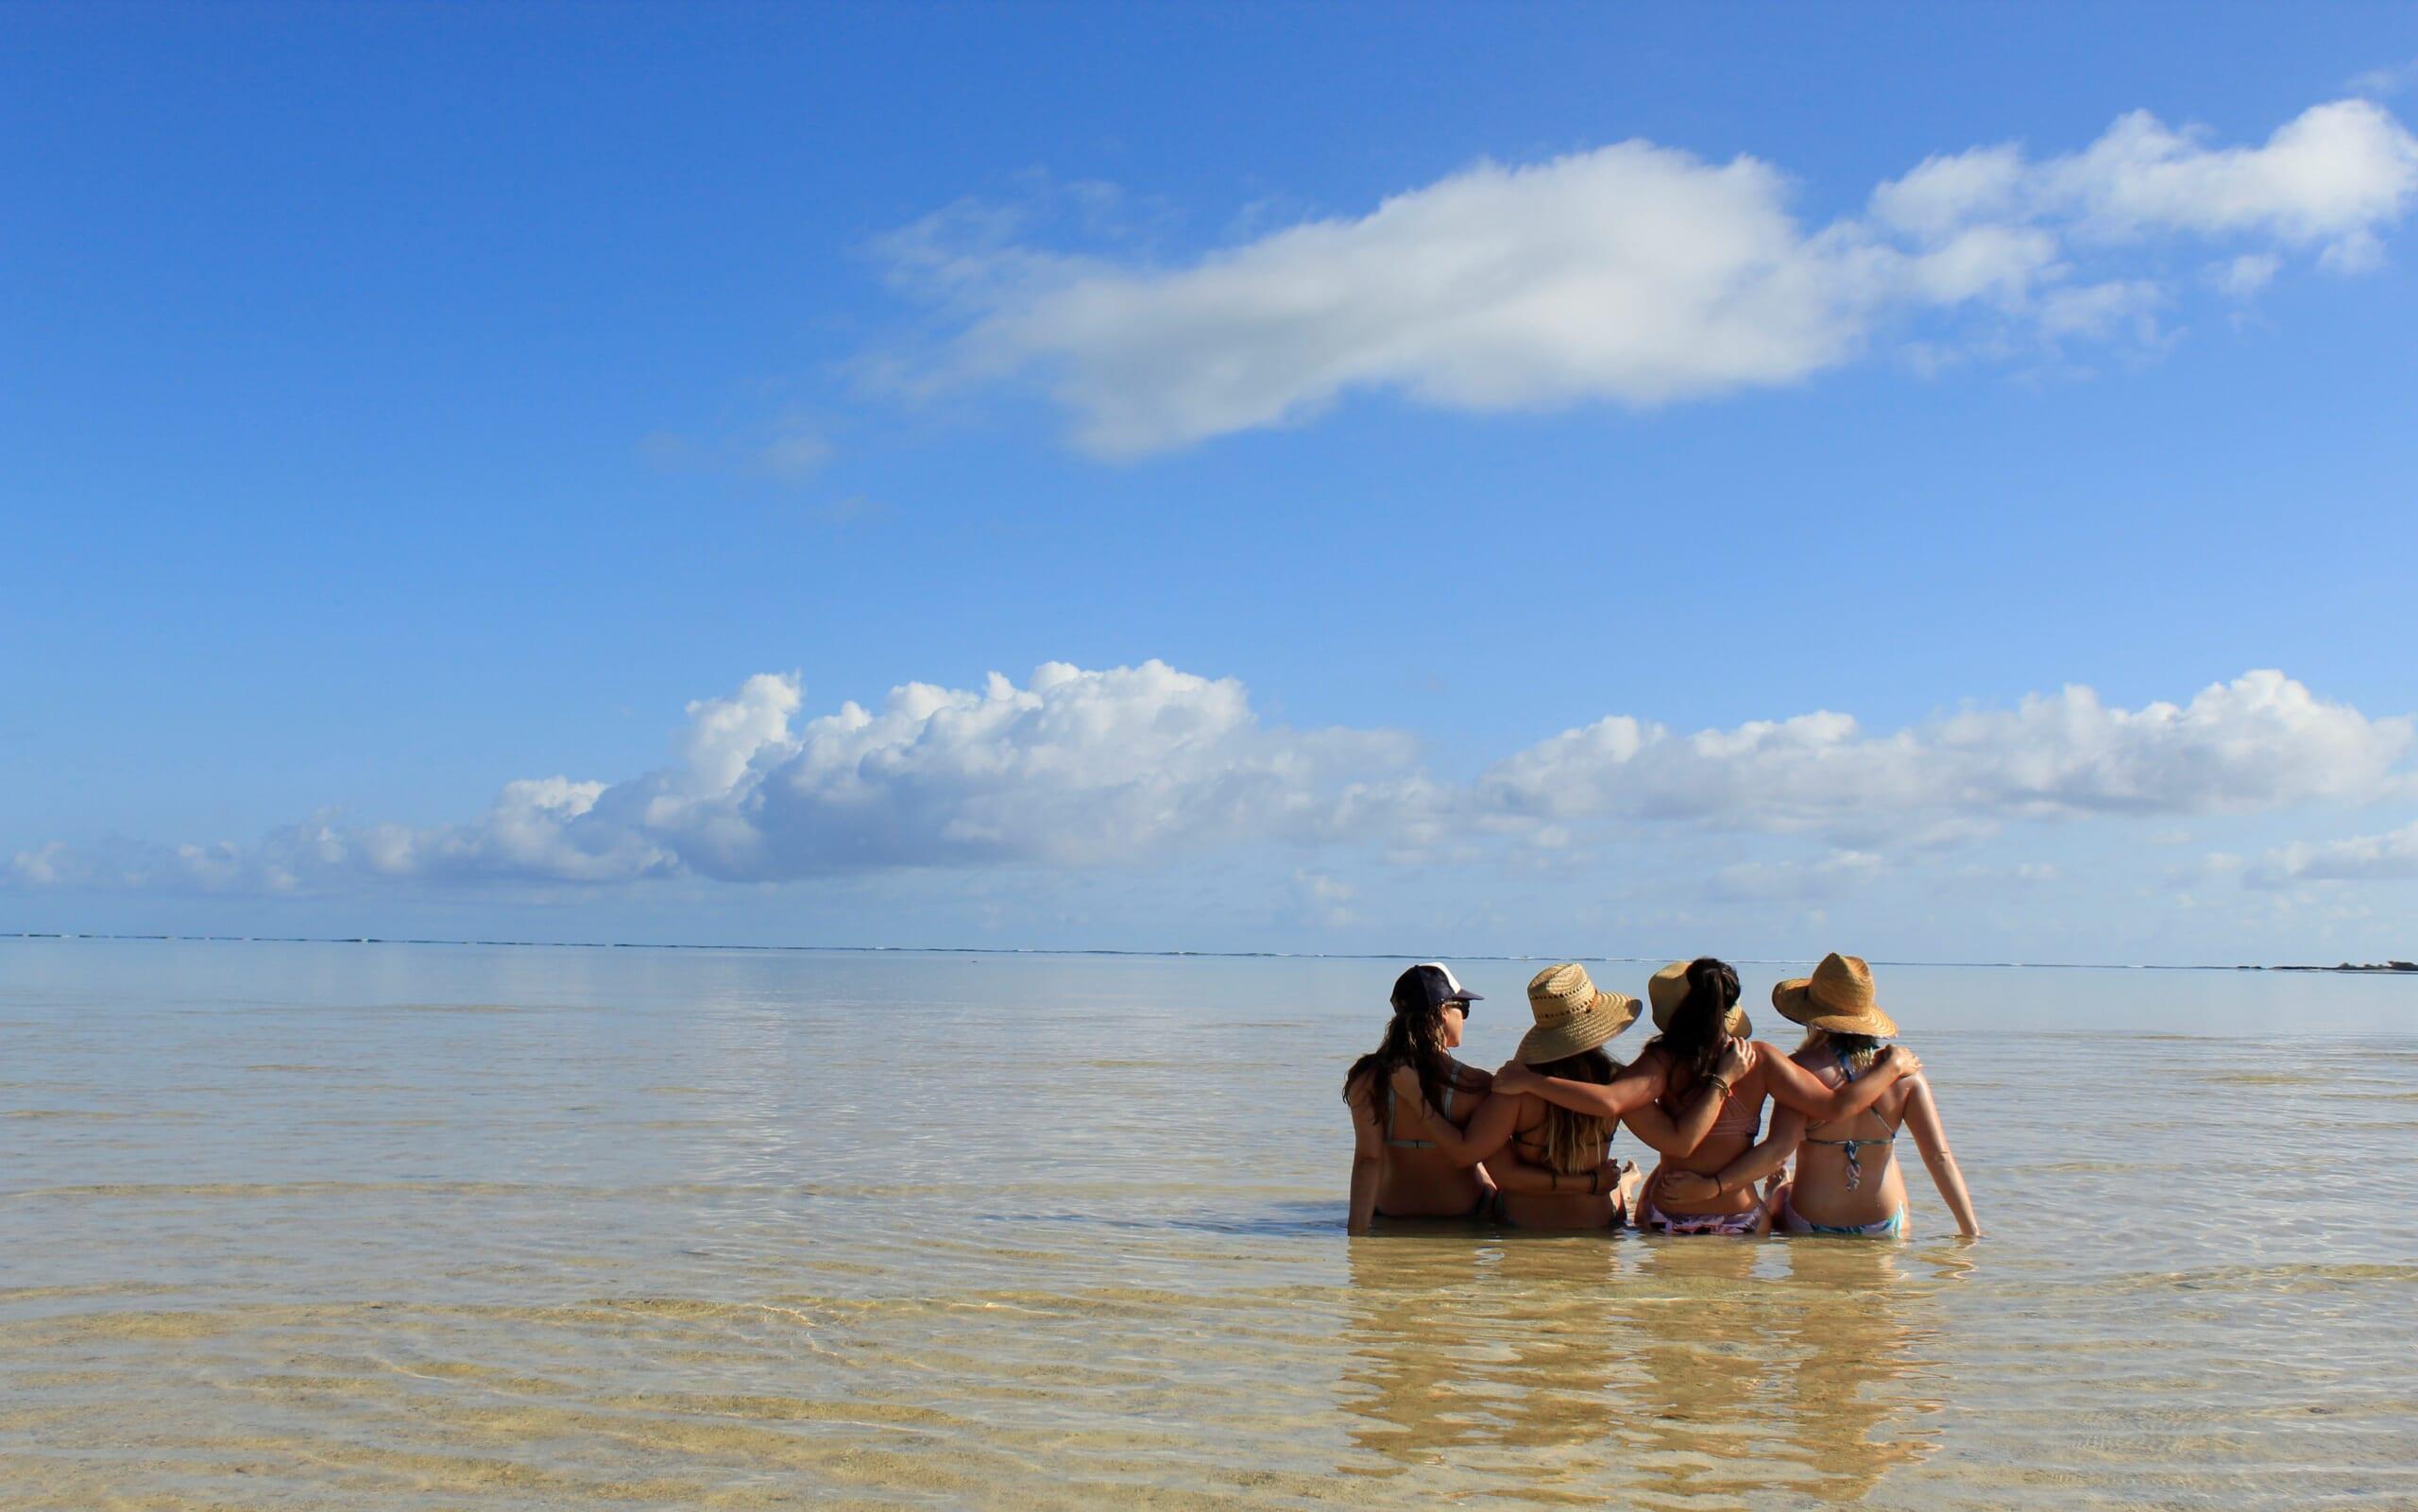 beachfriends